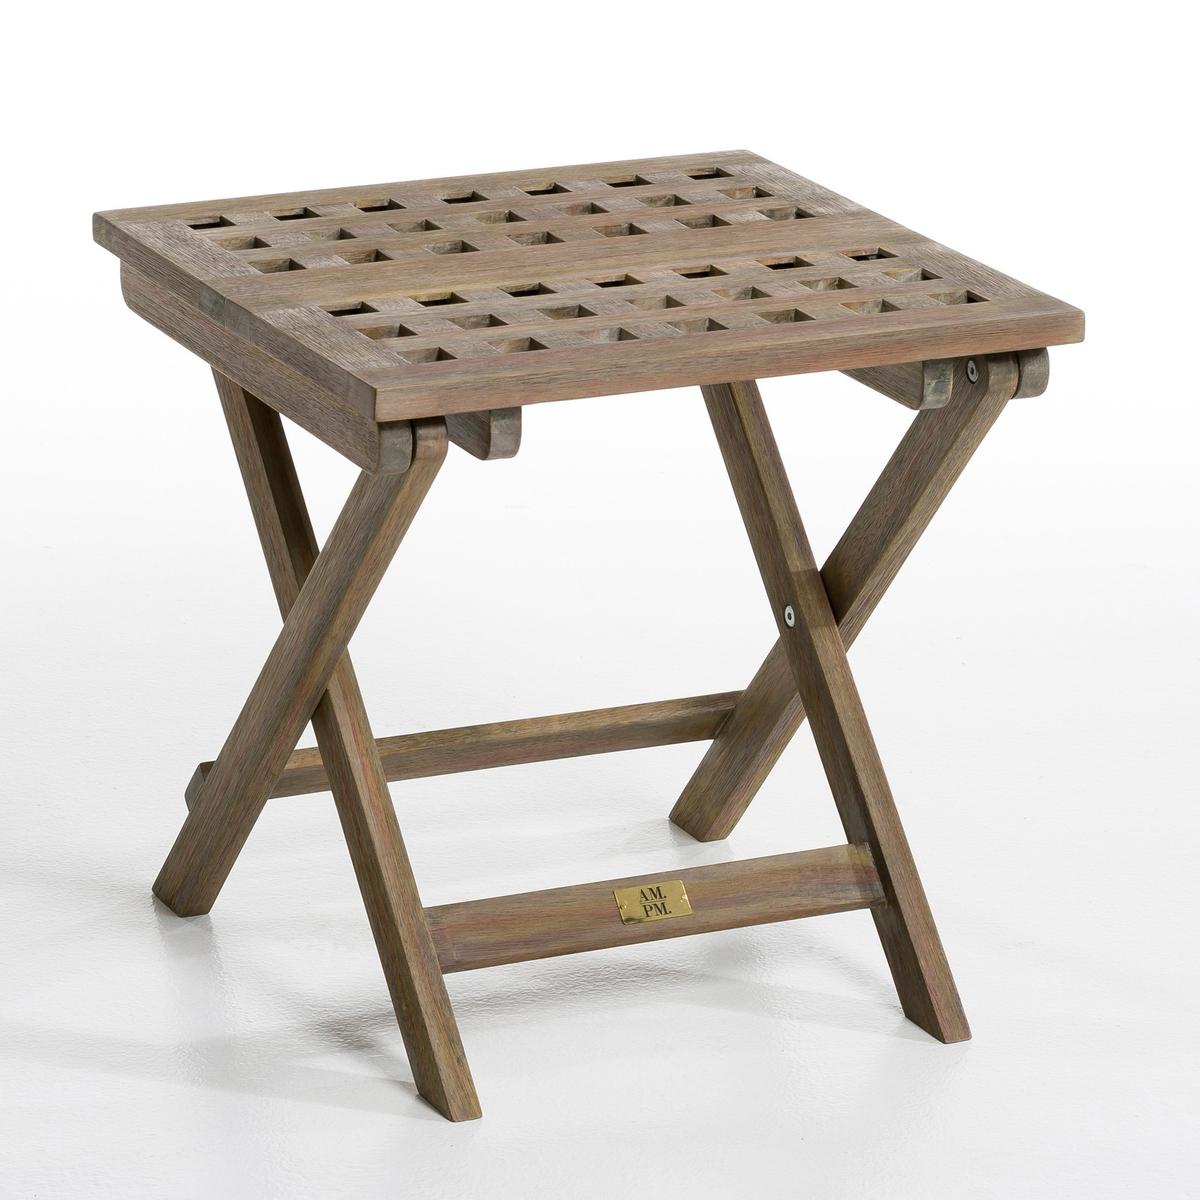 Столик садовый складной, MeltemХарактеристики:- Столешница из древесины с решётчатым рисунком.                Размеры:- Д.40 x В.40 x Г.40 см.      Размеры и вес коробки:- Д.54 x В.8 x Г.43 см, 3,5 кг.<br><br>Цвет: состаренная акация,черный